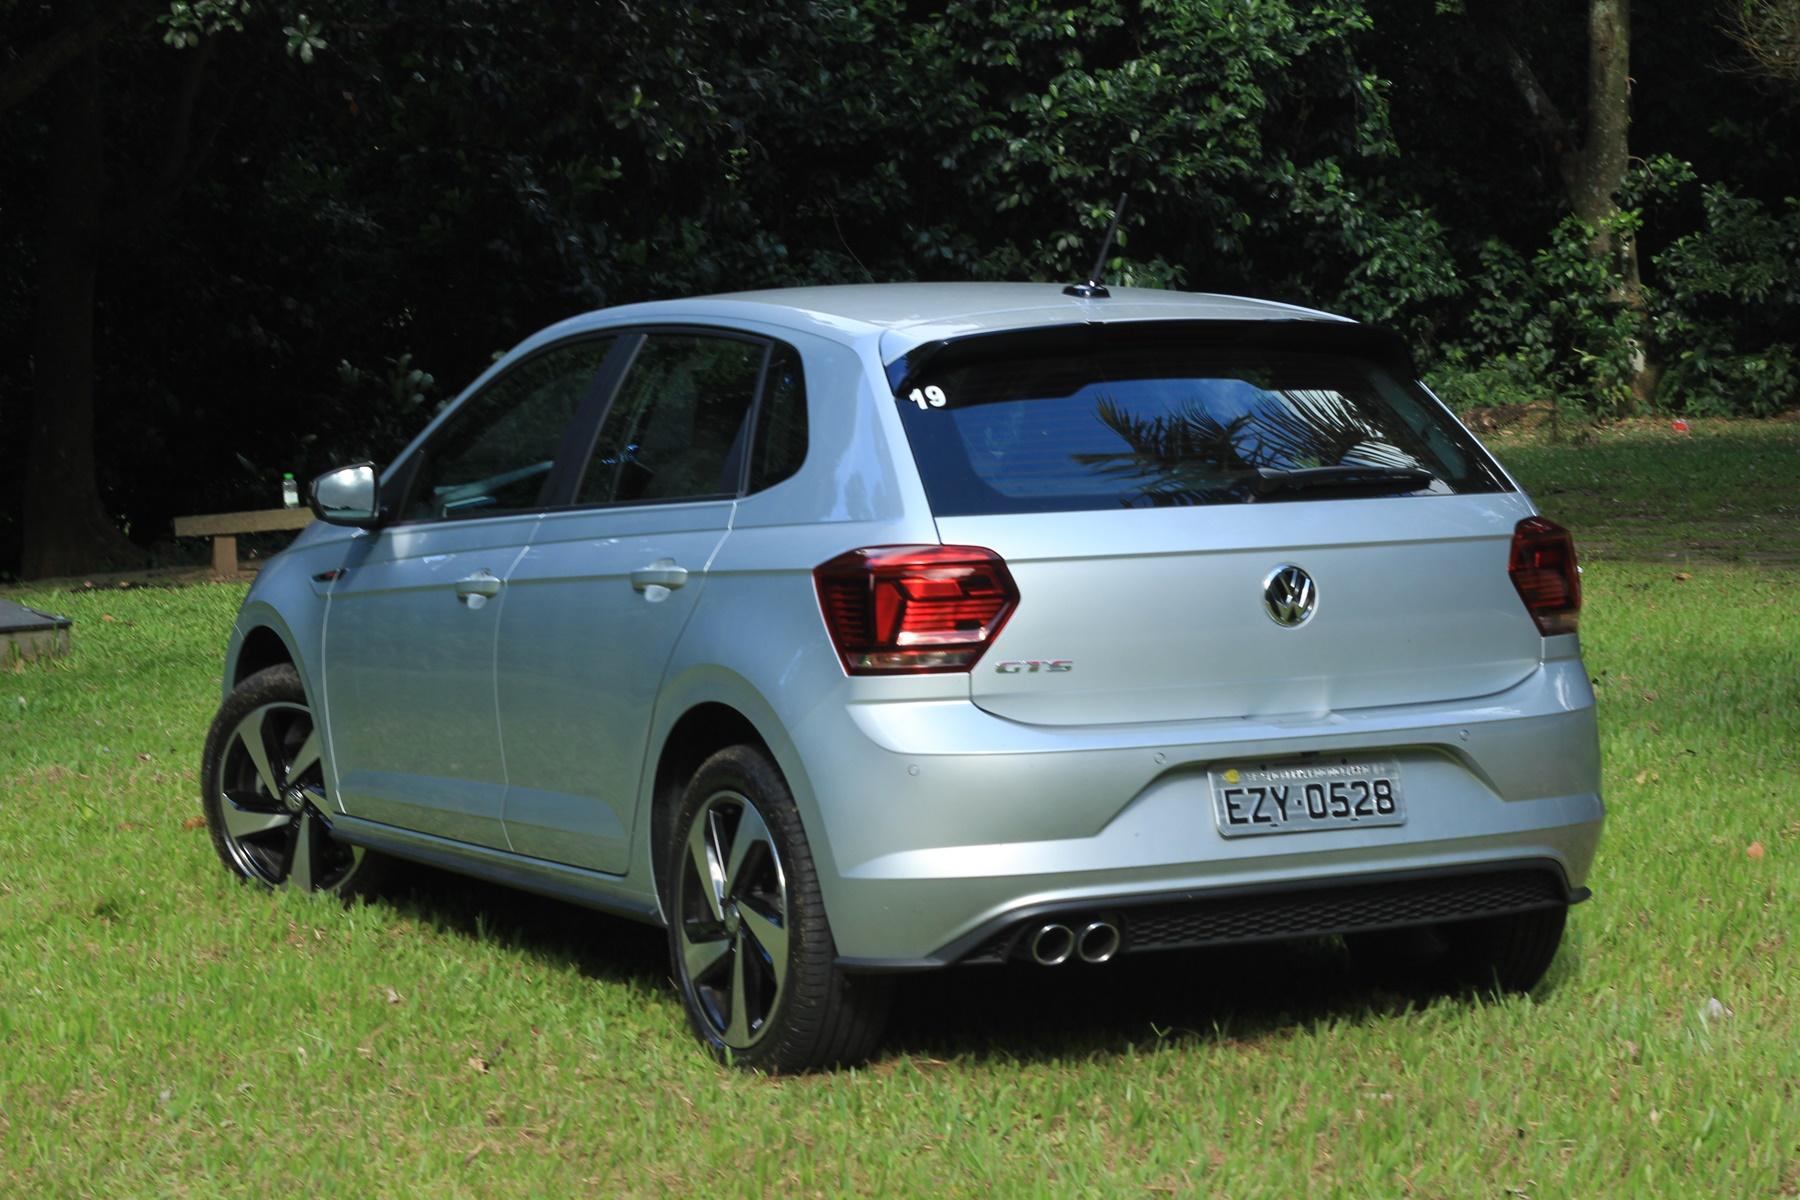 Volkswagen Polo GTS de traseira na cor parata em gramado